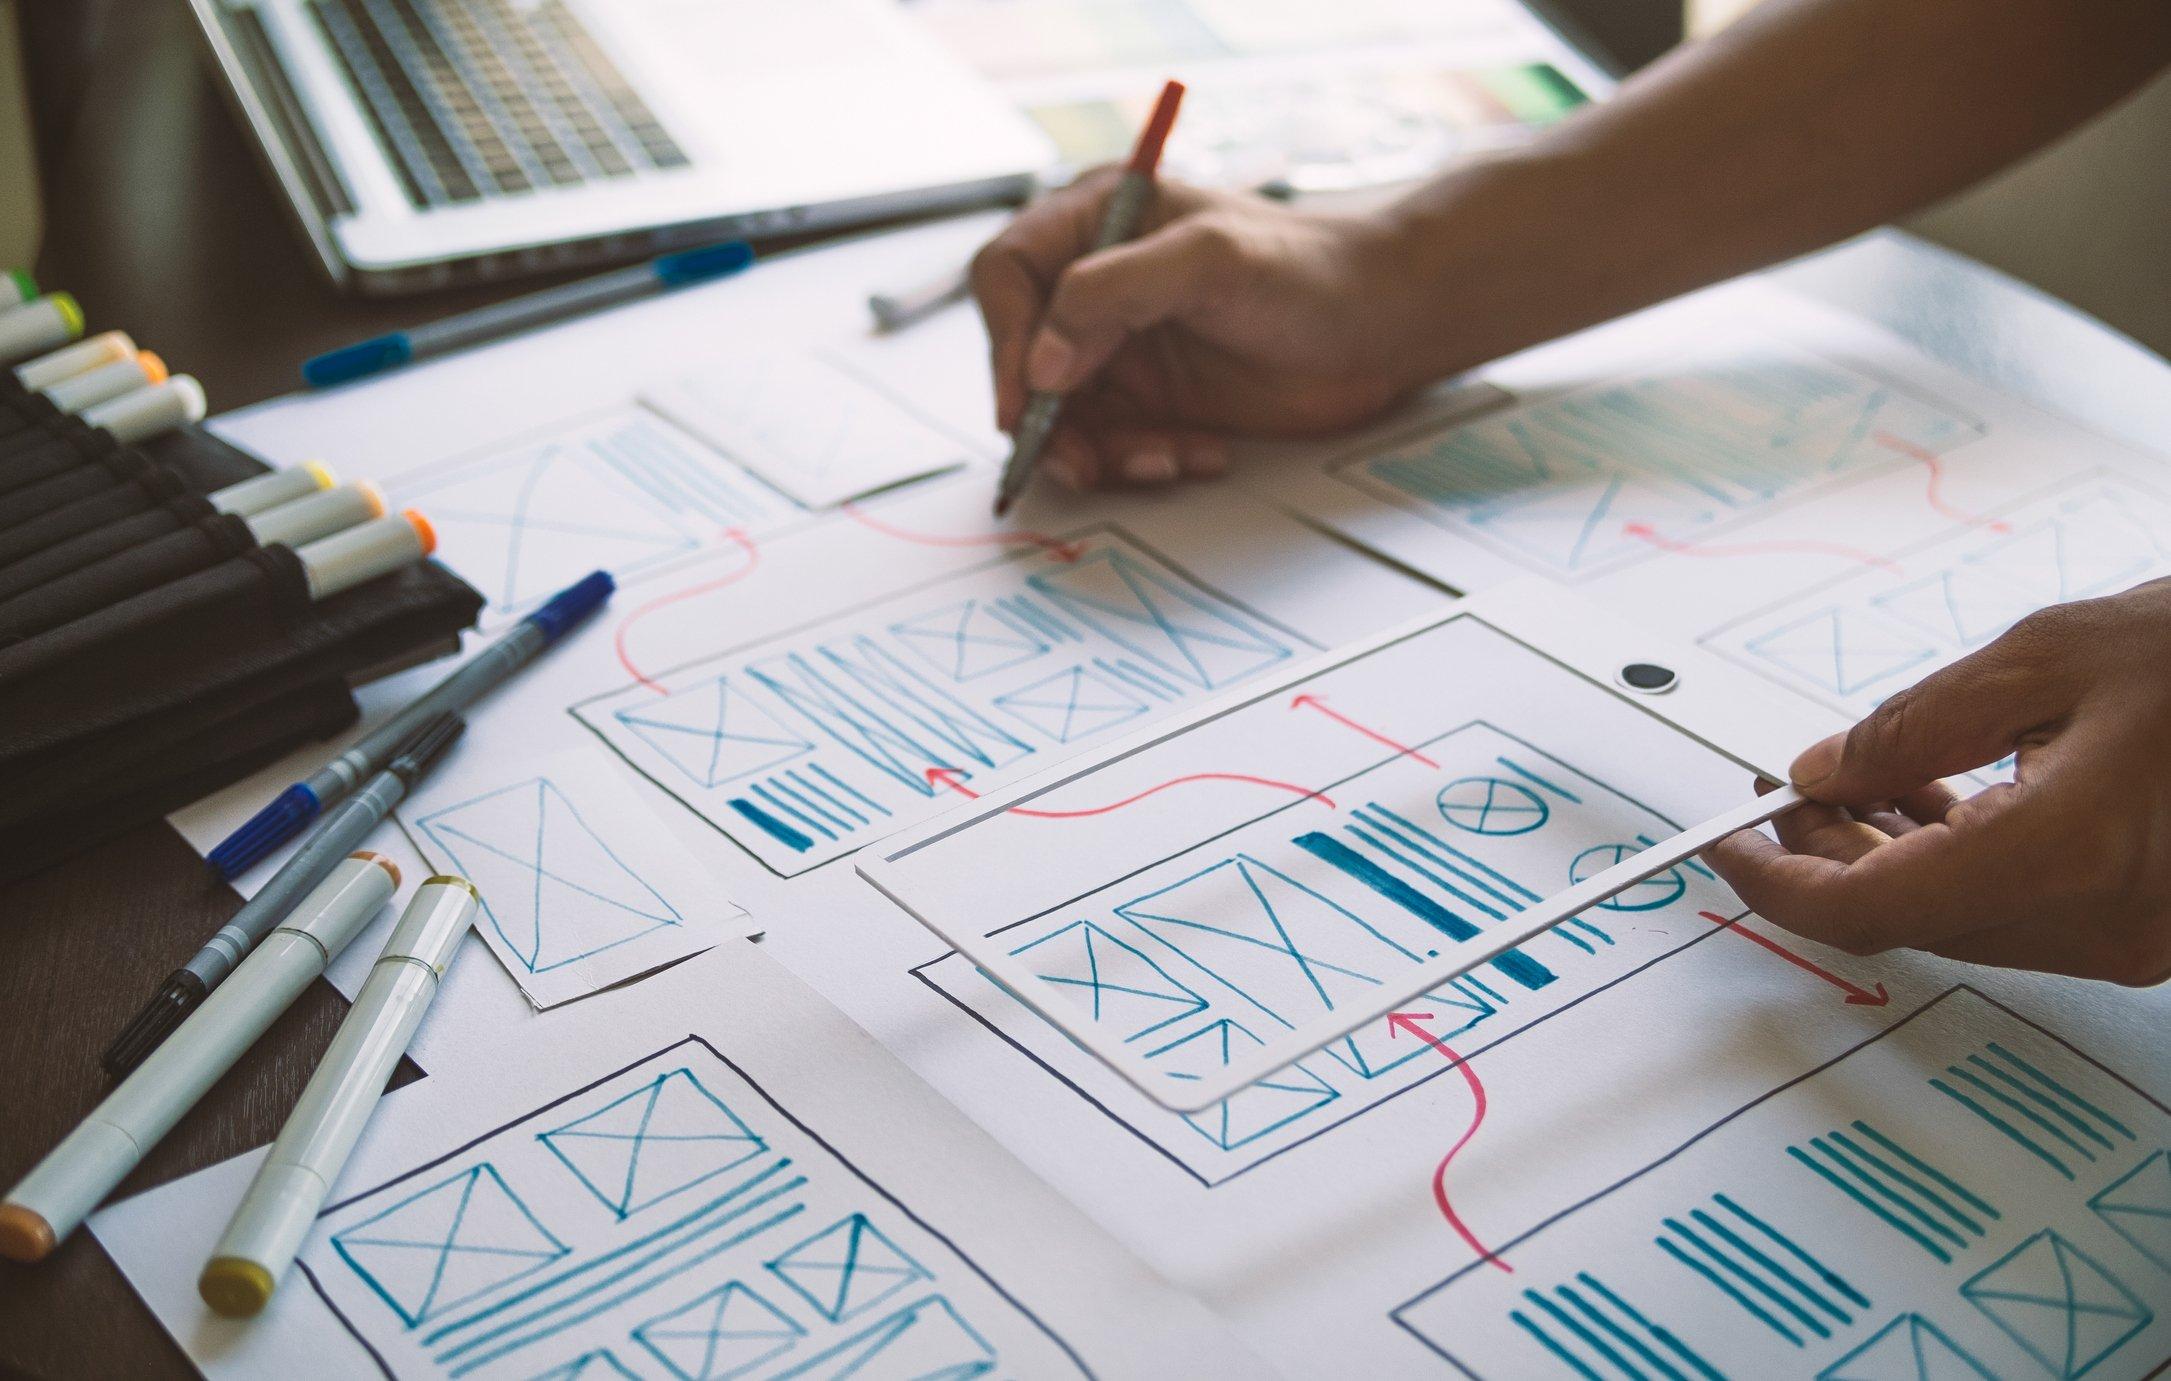 wire frame illustration design